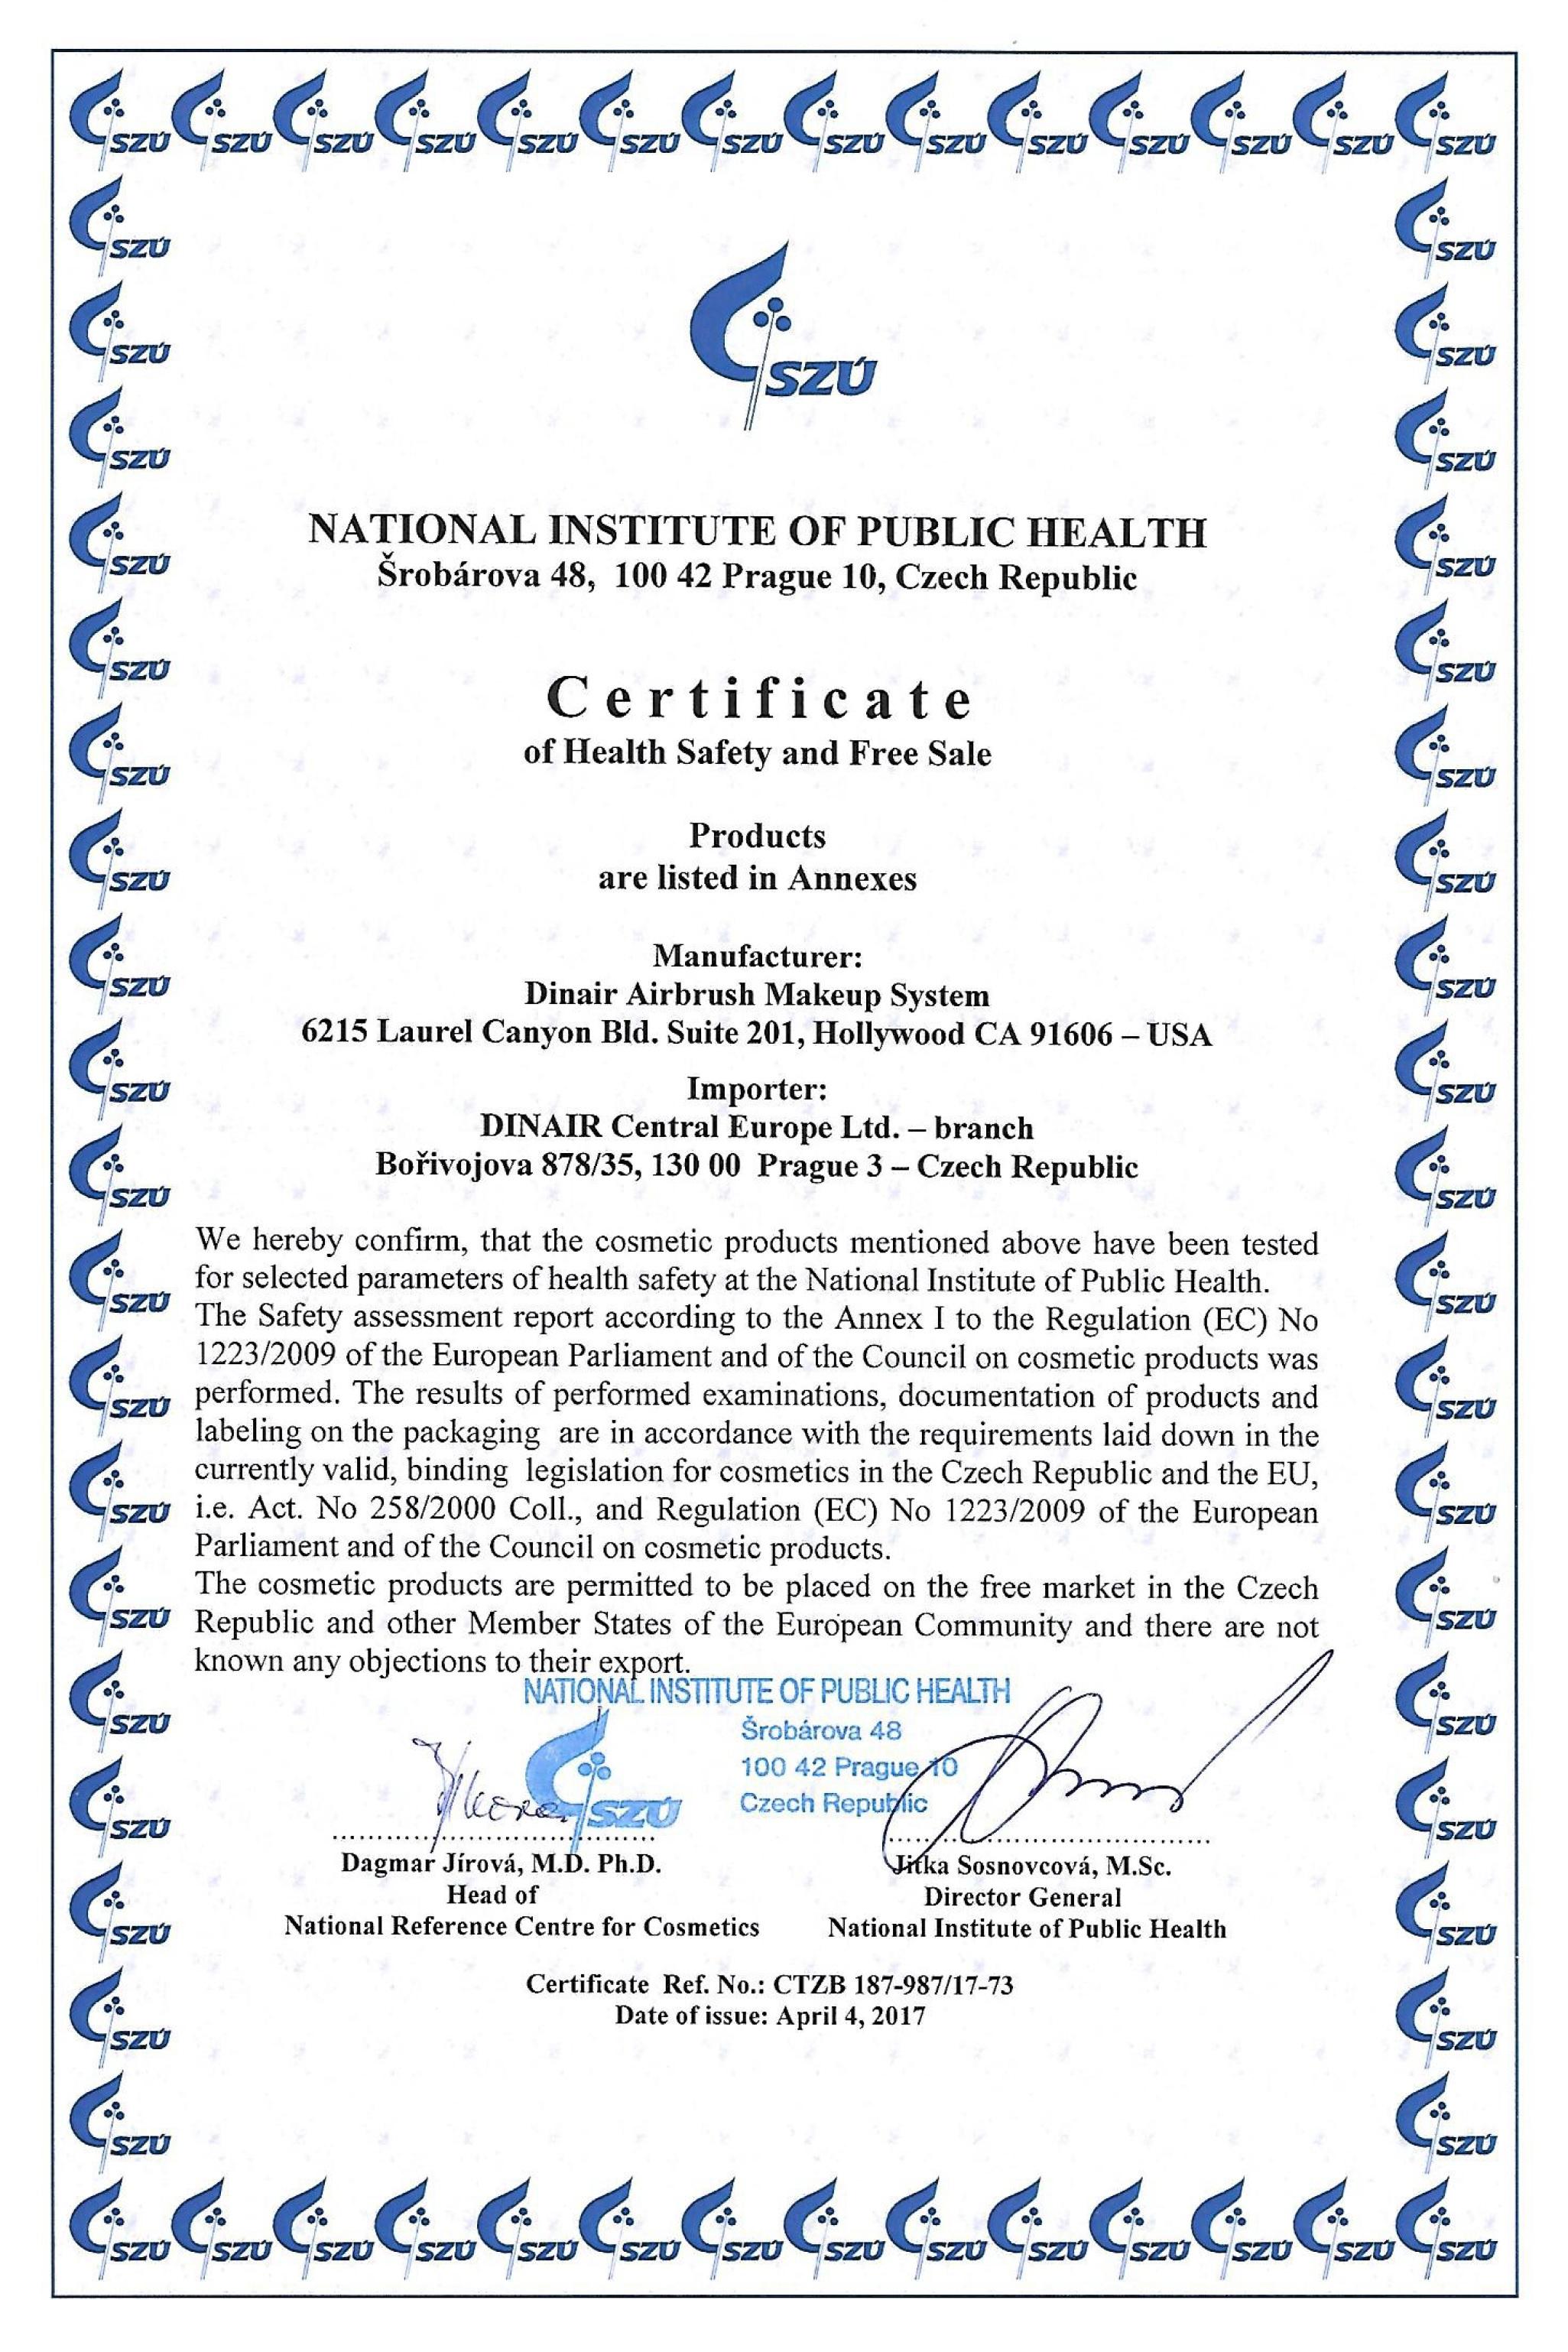 Dinair_CertificateEU-En